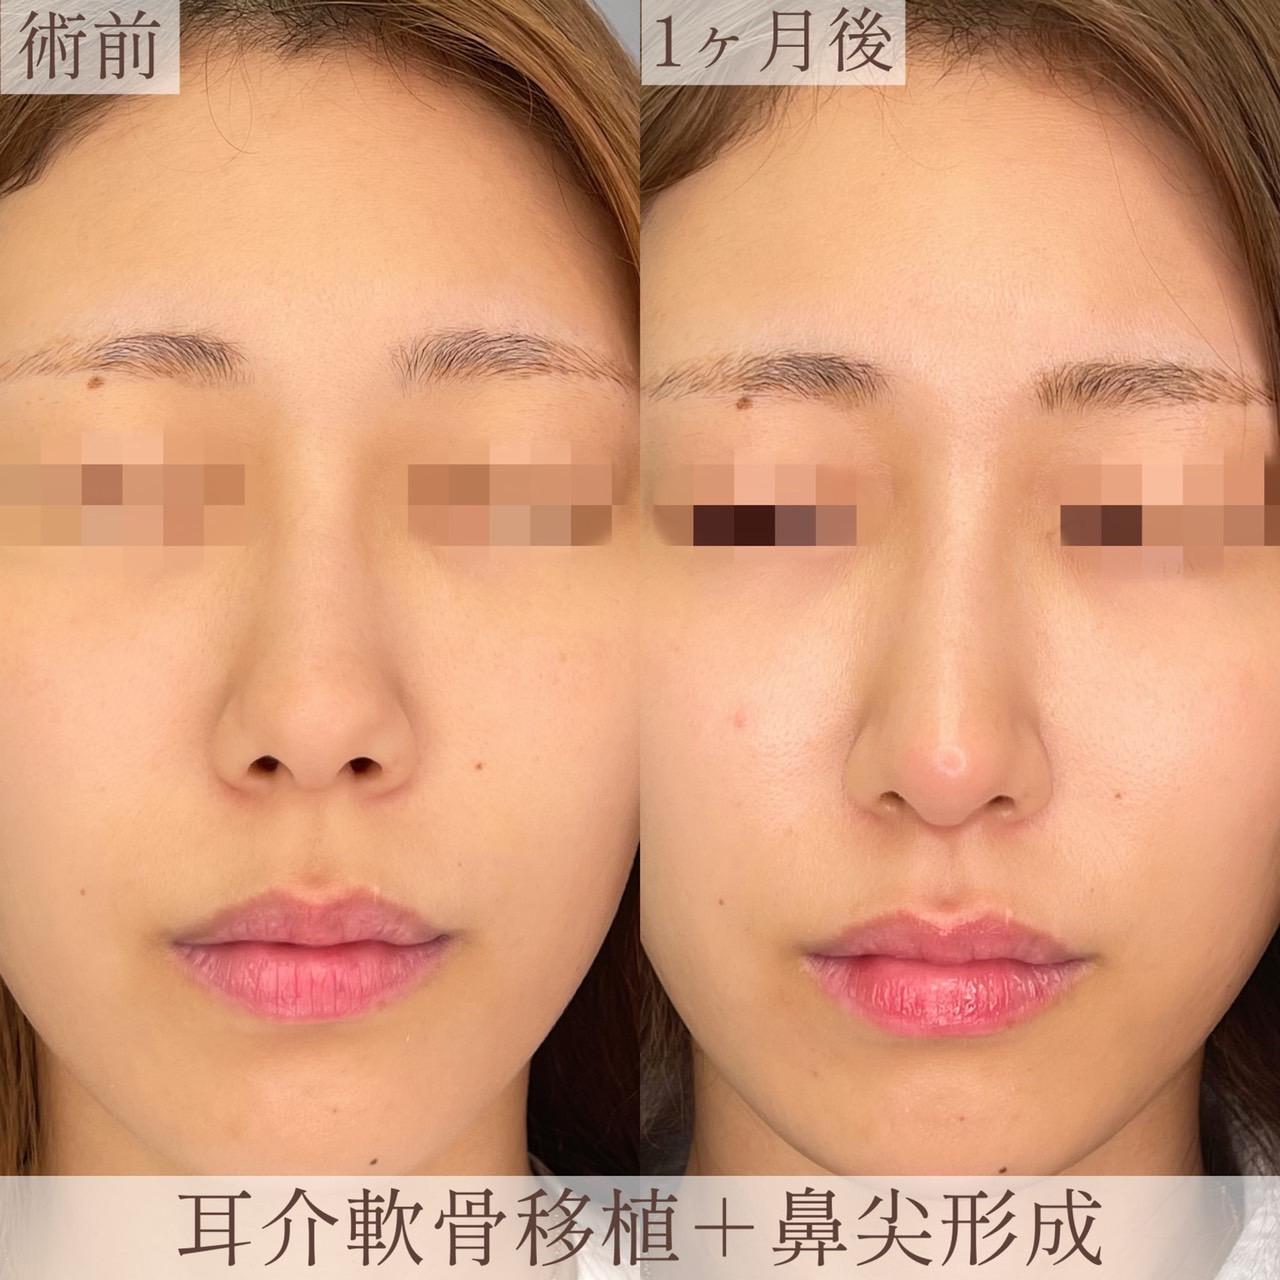 鼻尖形成+耳介軟骨移植(1ヶ月後)の画像